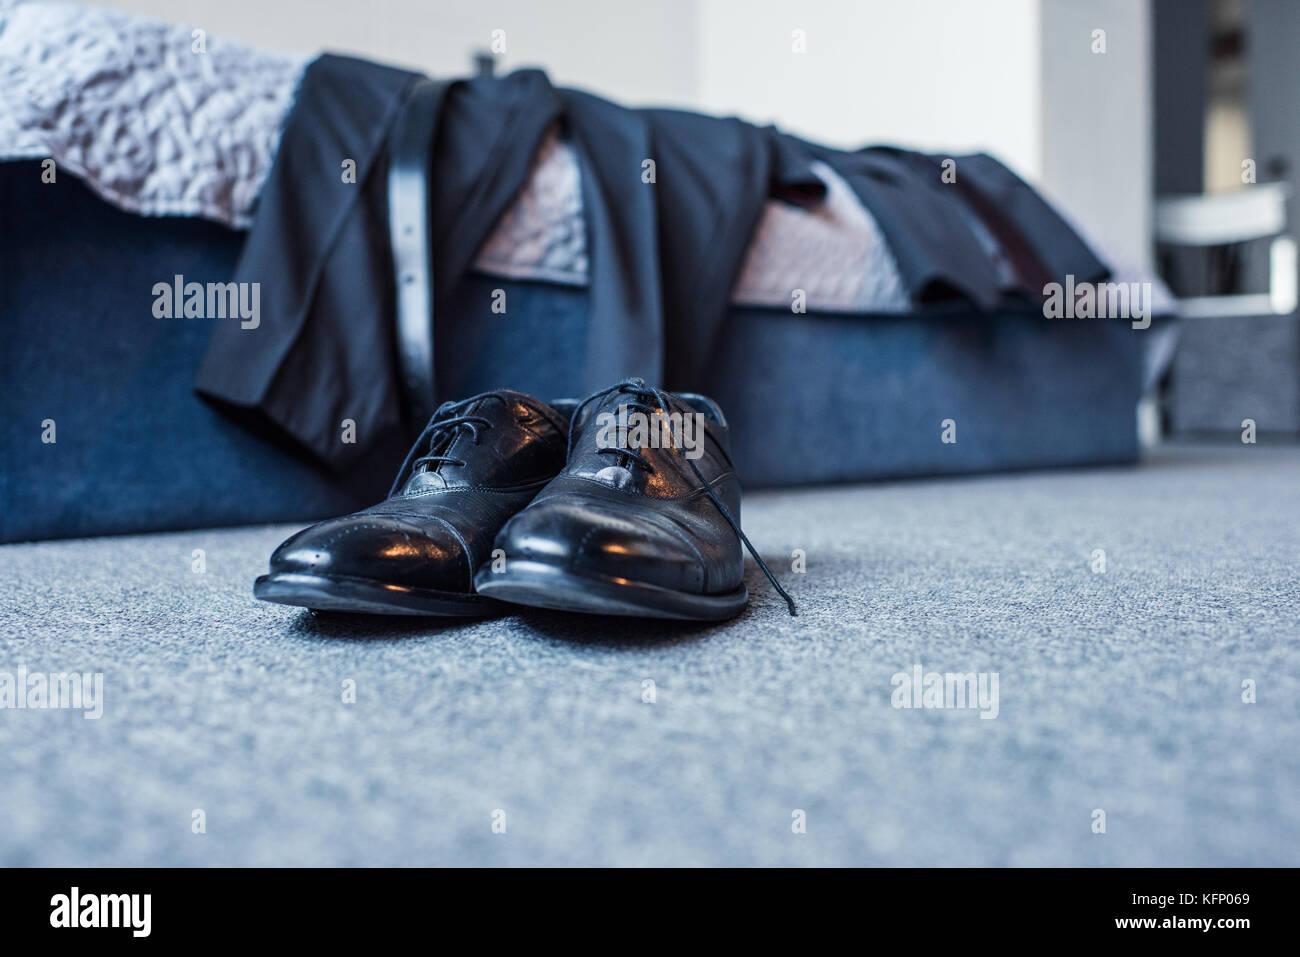 Abbigliamento formale sul letto e scarpe in pelle Immagini Stock